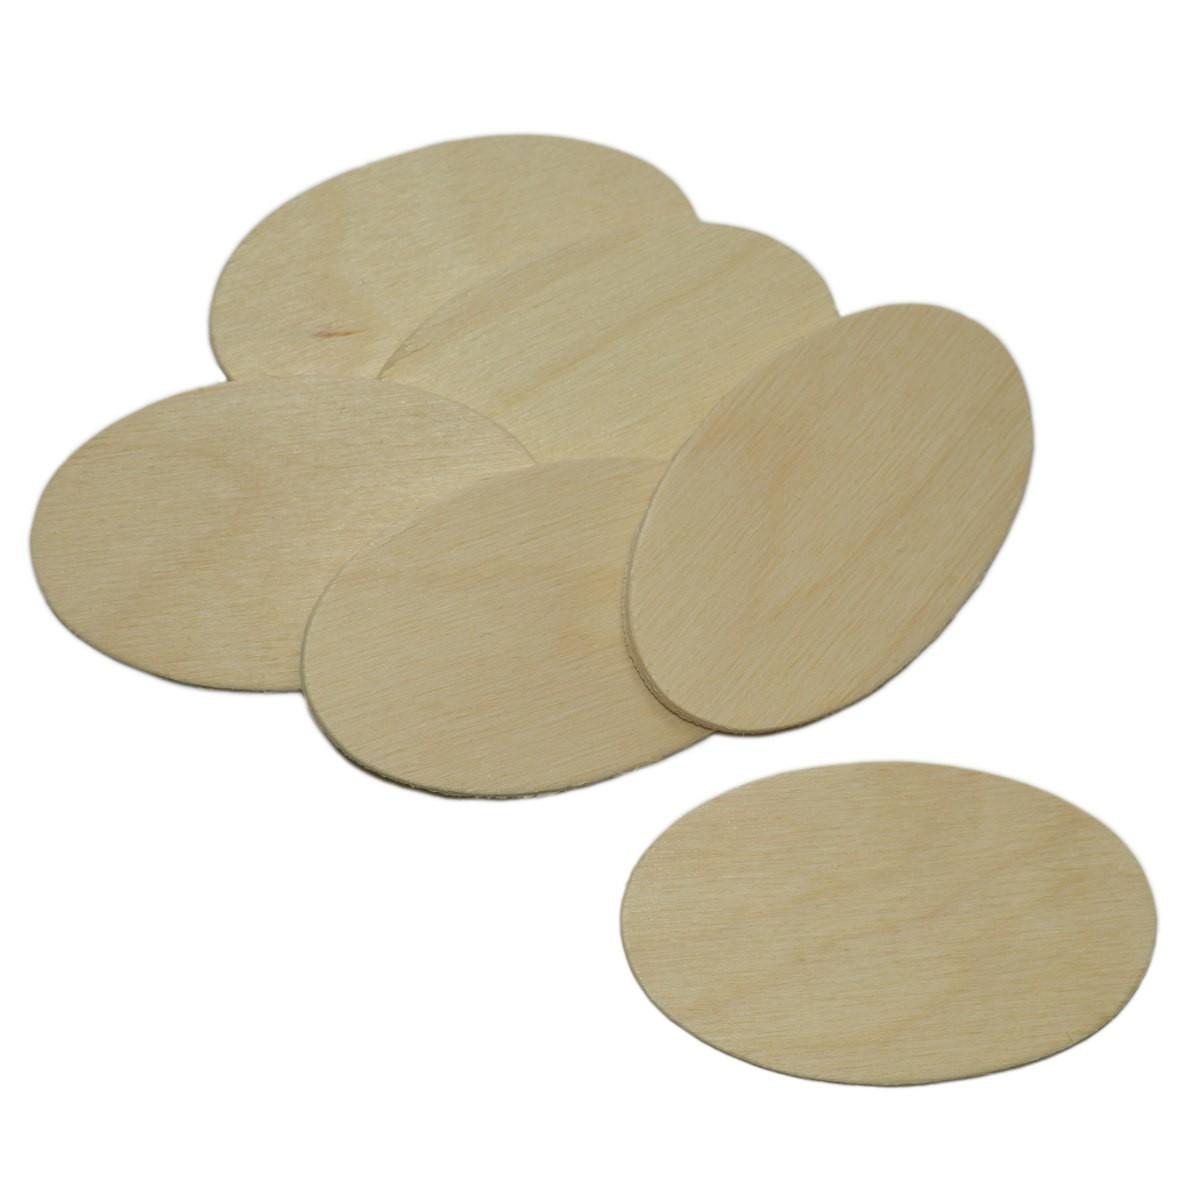 10 holzscheiben oval 7x4cm namensschild holz zum basteln bemalen beschriften. Black Bedroom Furniture Sets. Home Design Ideas